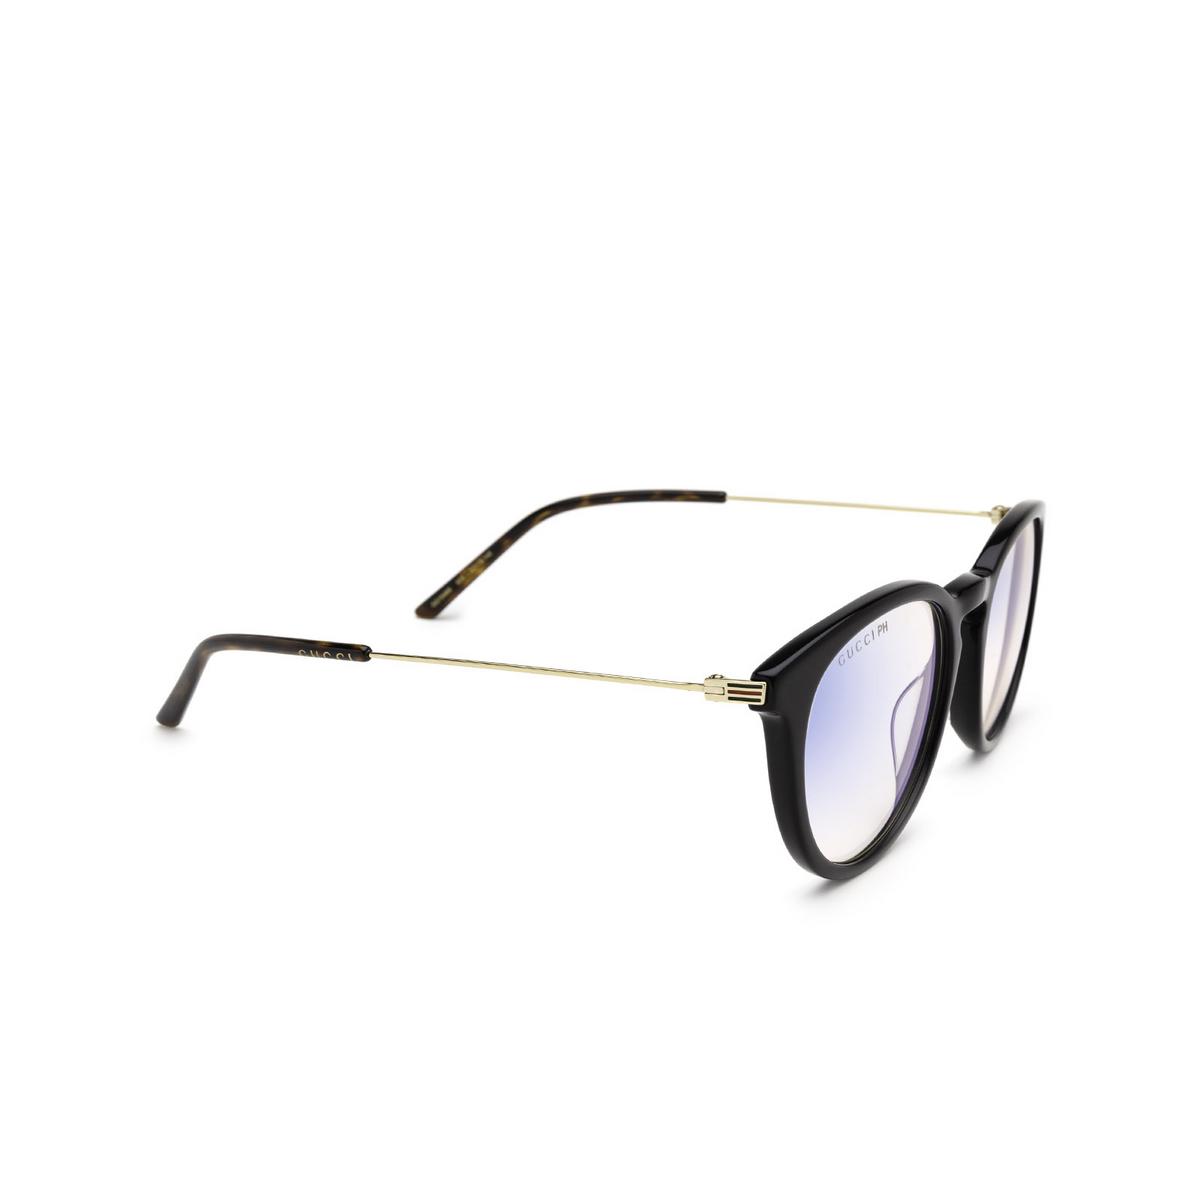 Gucci® Round Sunglasses: GG1048S color Black 005 - three-quarters view.